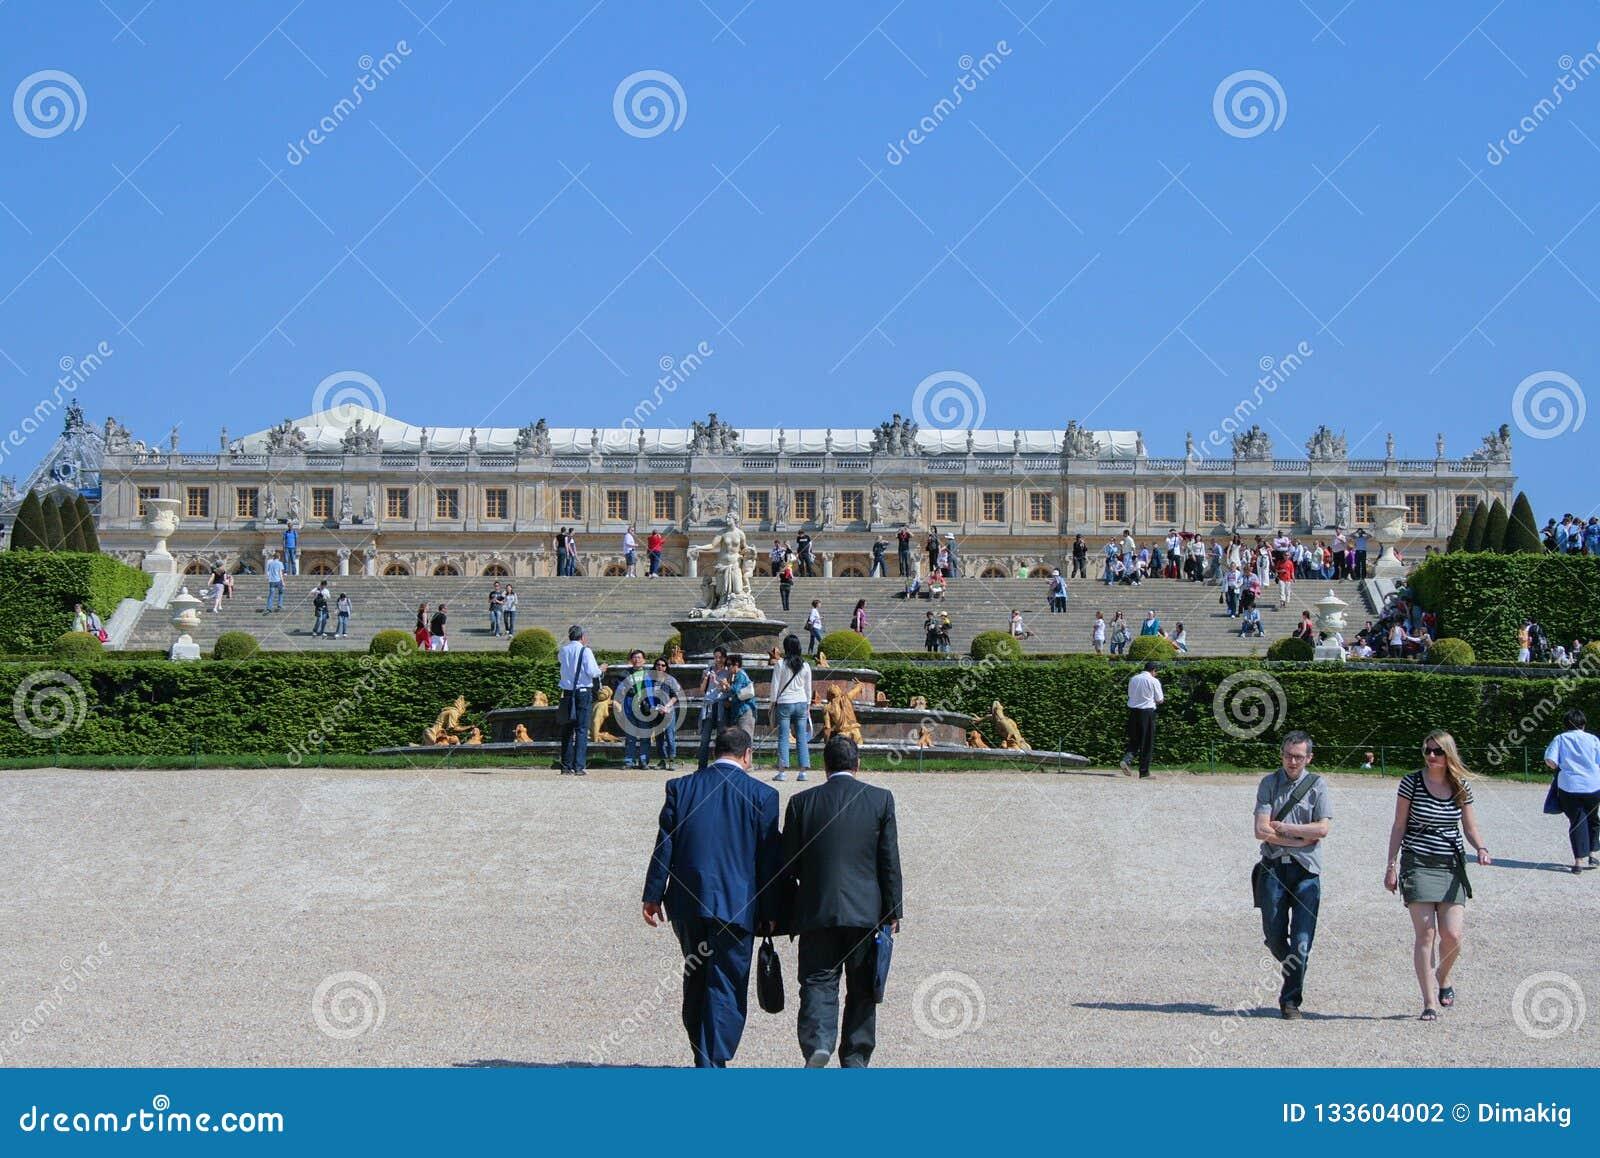 05 05 2008, Versailles, France Touristes marchant autour du parc sur le fond du palais